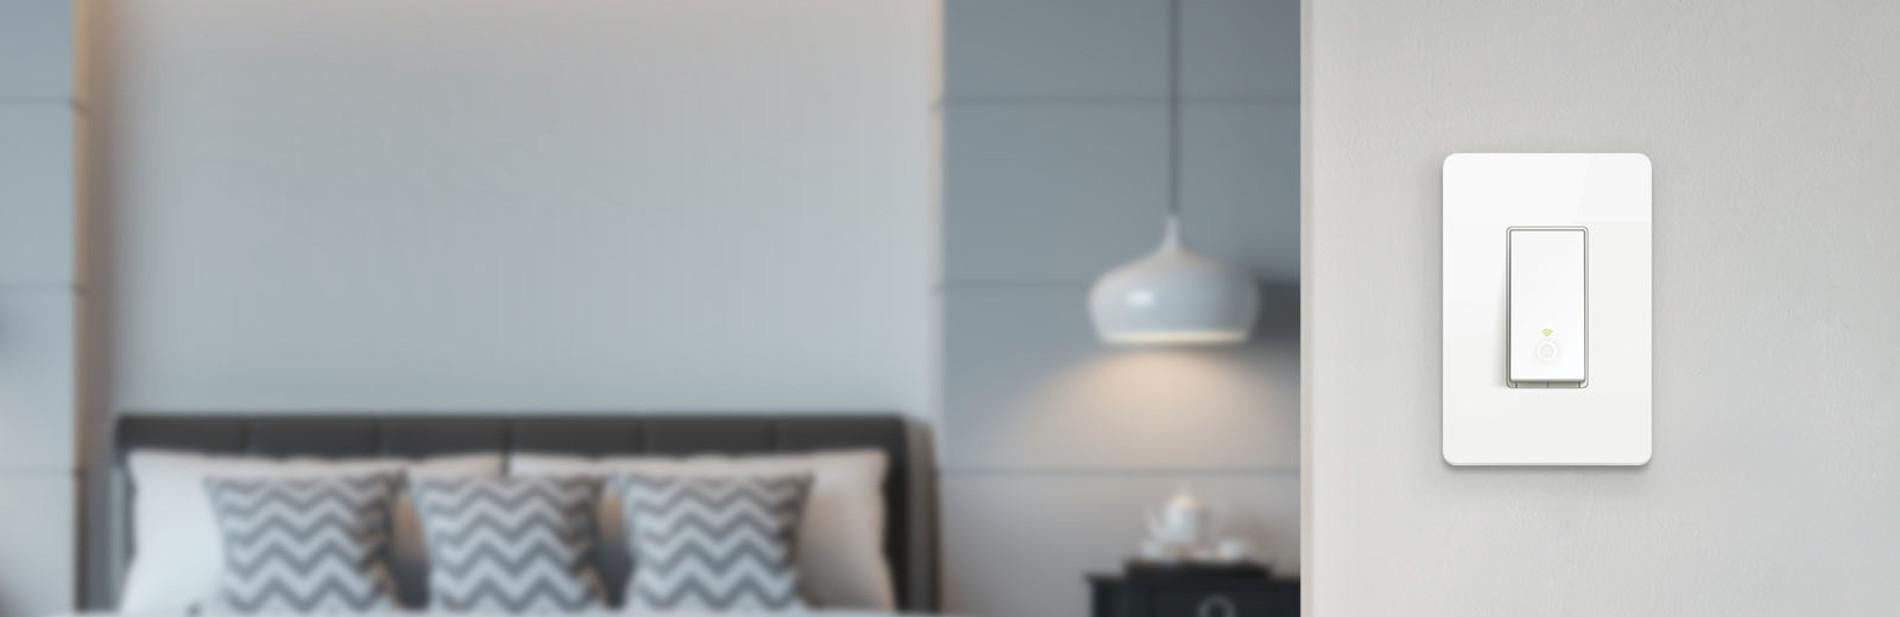 Kasa Smart Wi-Fi Light Switch Product Banner